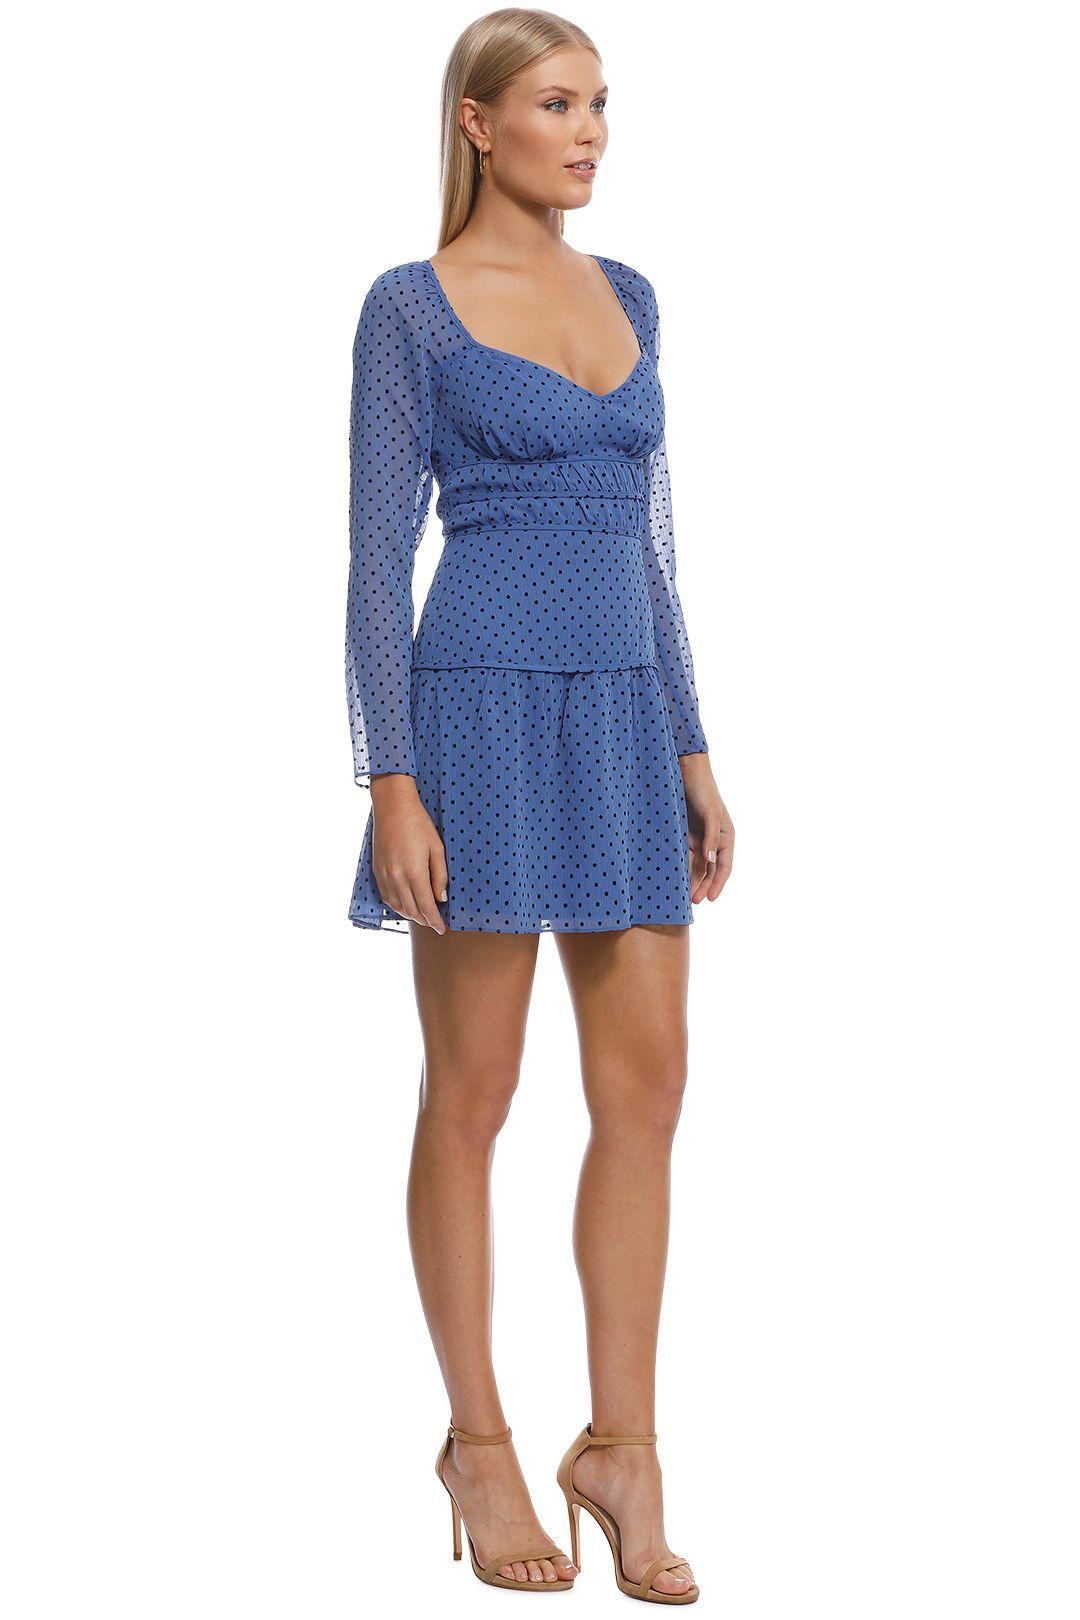 Talulah - Sorrento Mini Dress - Blue - Side